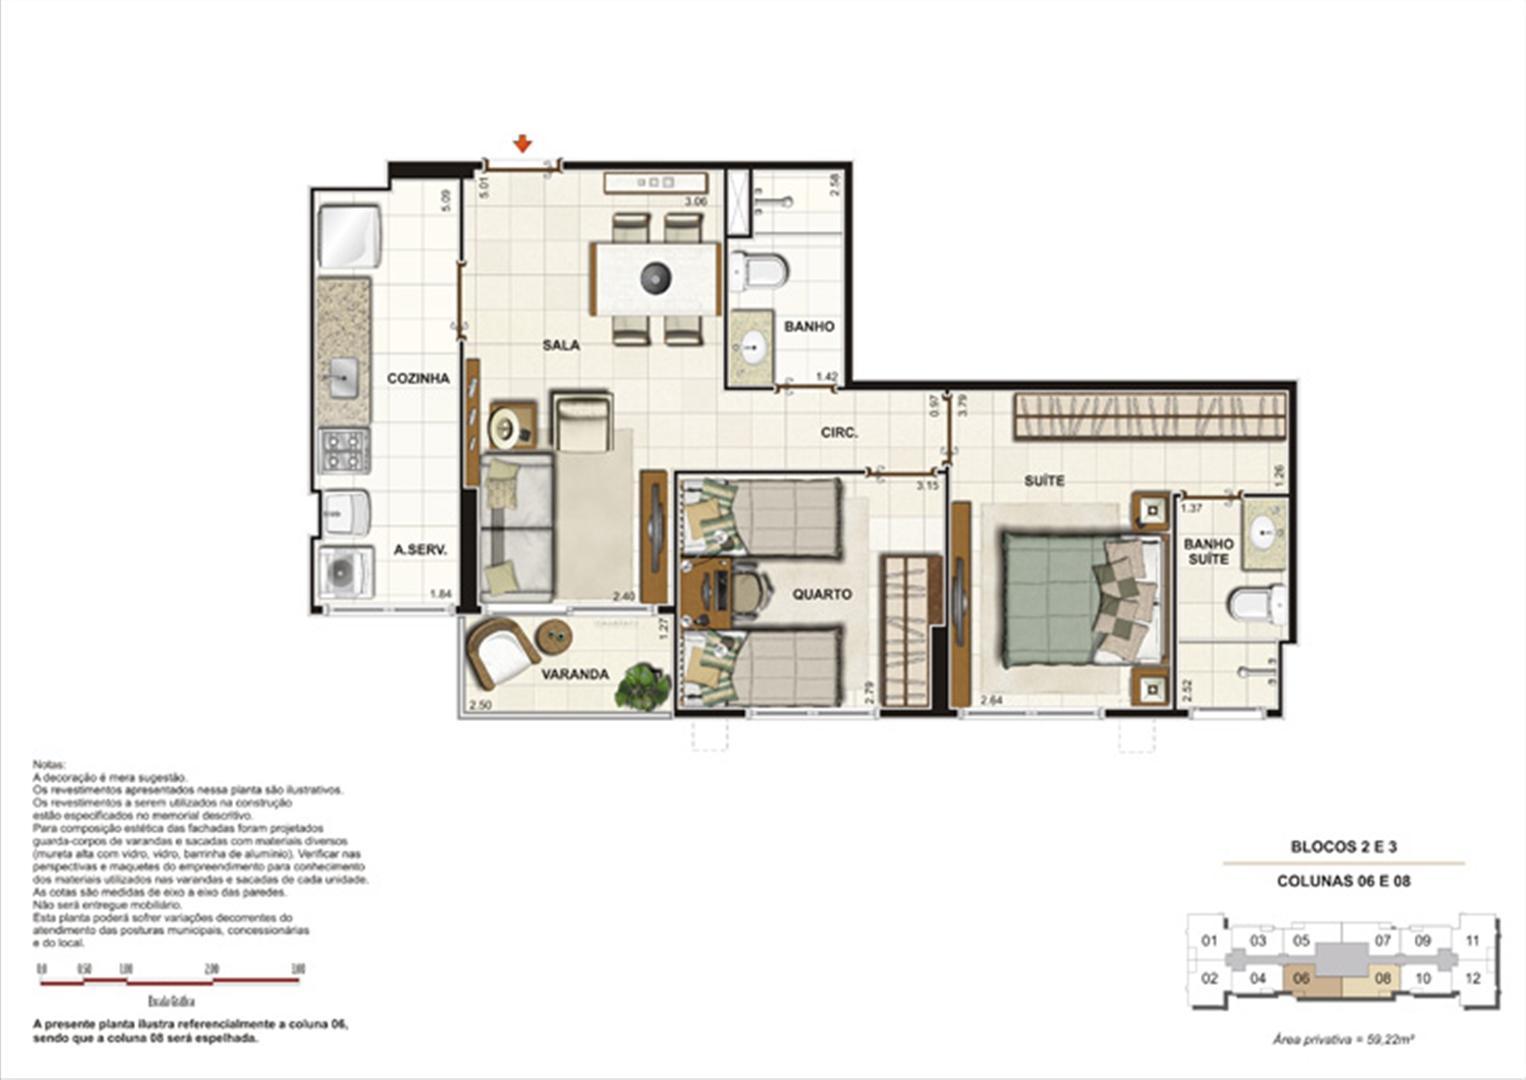 Planta de 2 quartos ( 1 suíte) - 50m² | Splendore Family Club – Apartamento em  Campos - Campos - Rio de Janeiro